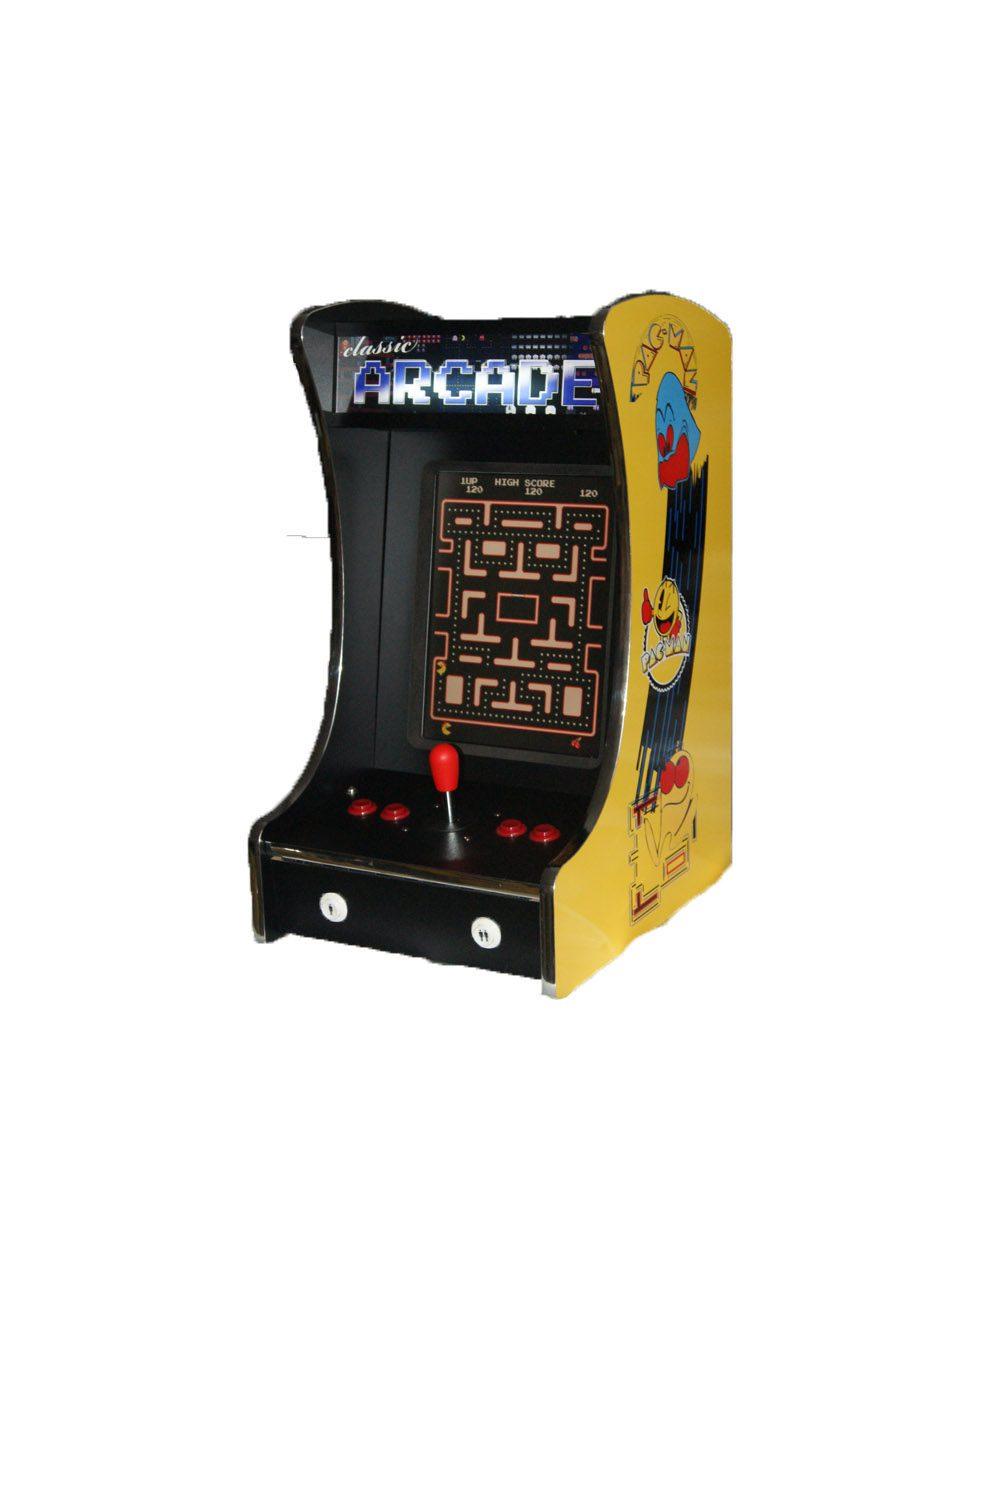 Arcade Rewind 60 in 1 Bar Top Arcade Machine Pac-Man for sale